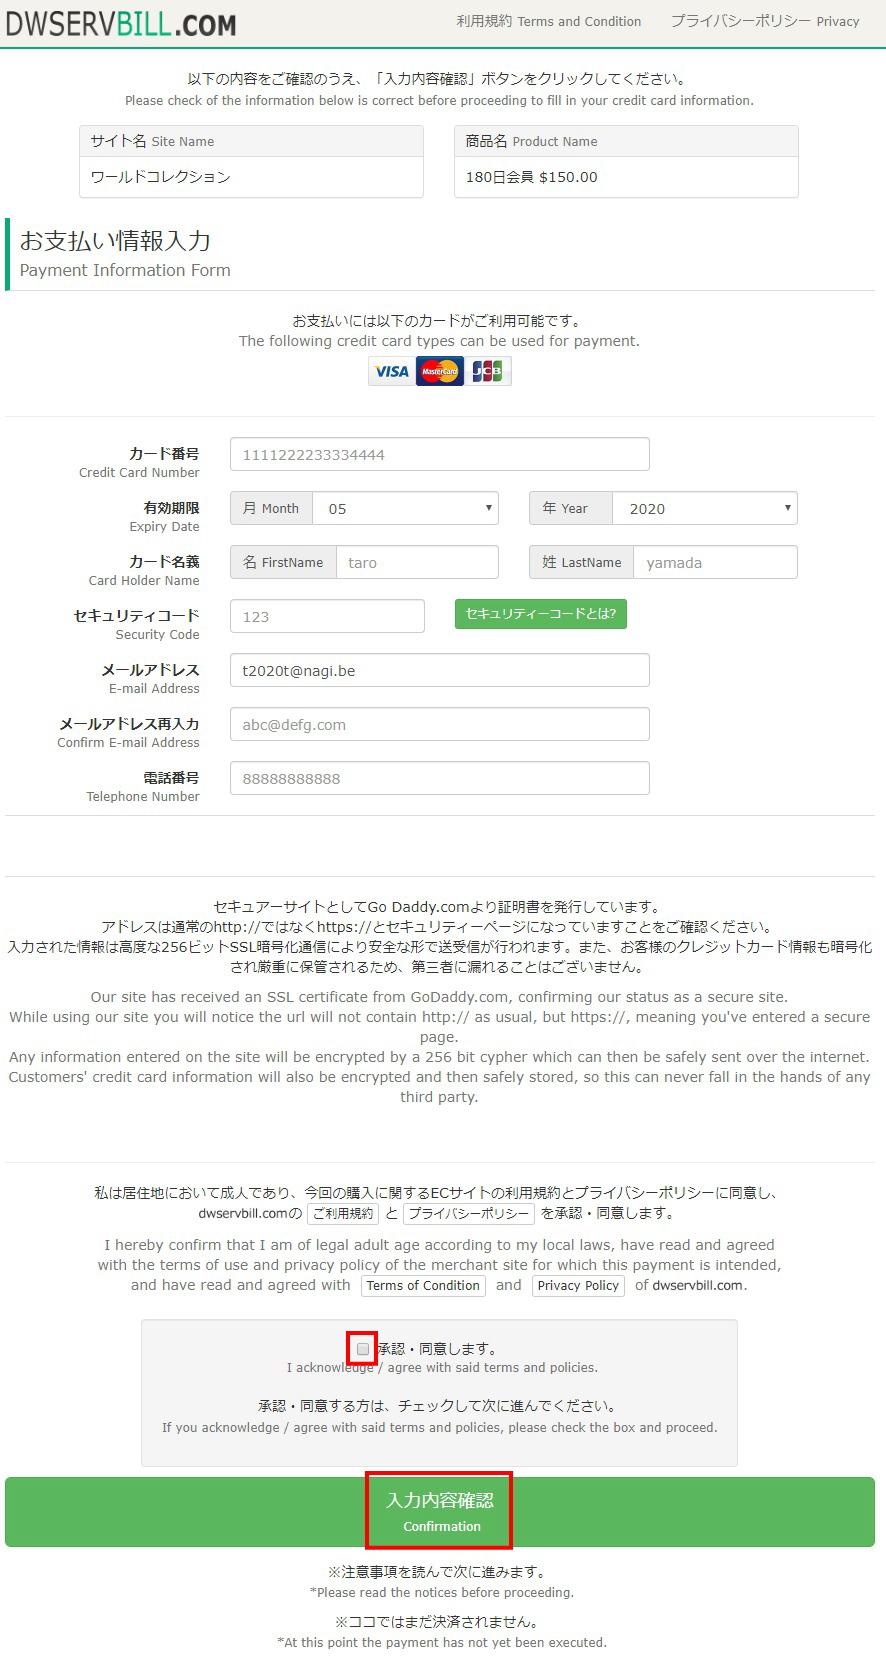 ワールドコレクションクレジットカード登録